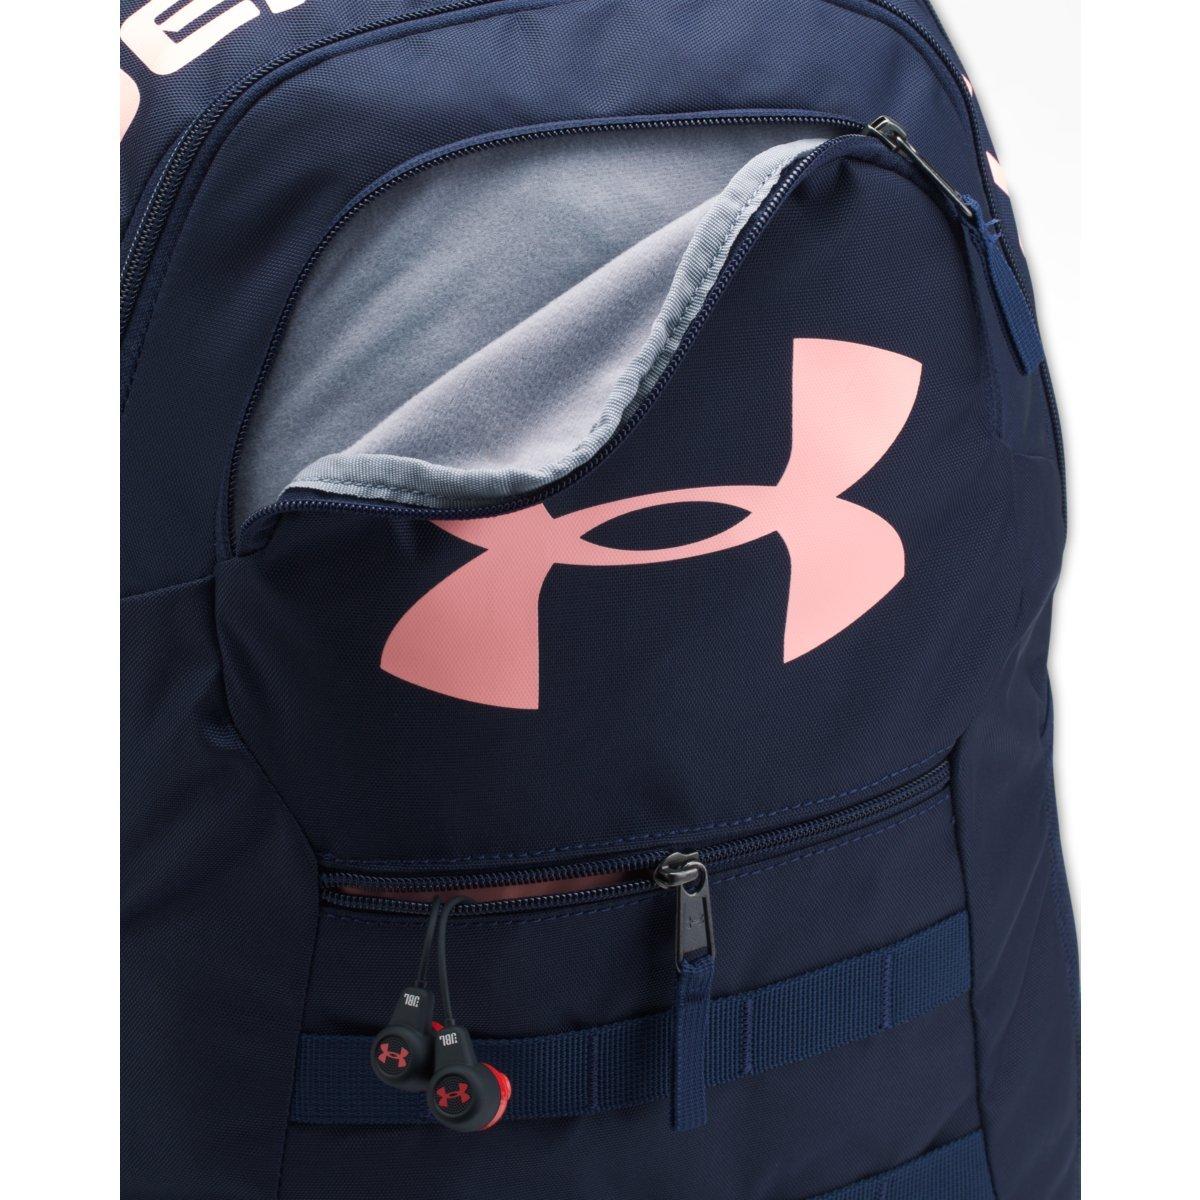 ecab7ced3e UNDER ARMOUR Big Logo 5.0 Backpack - Bob's Stores